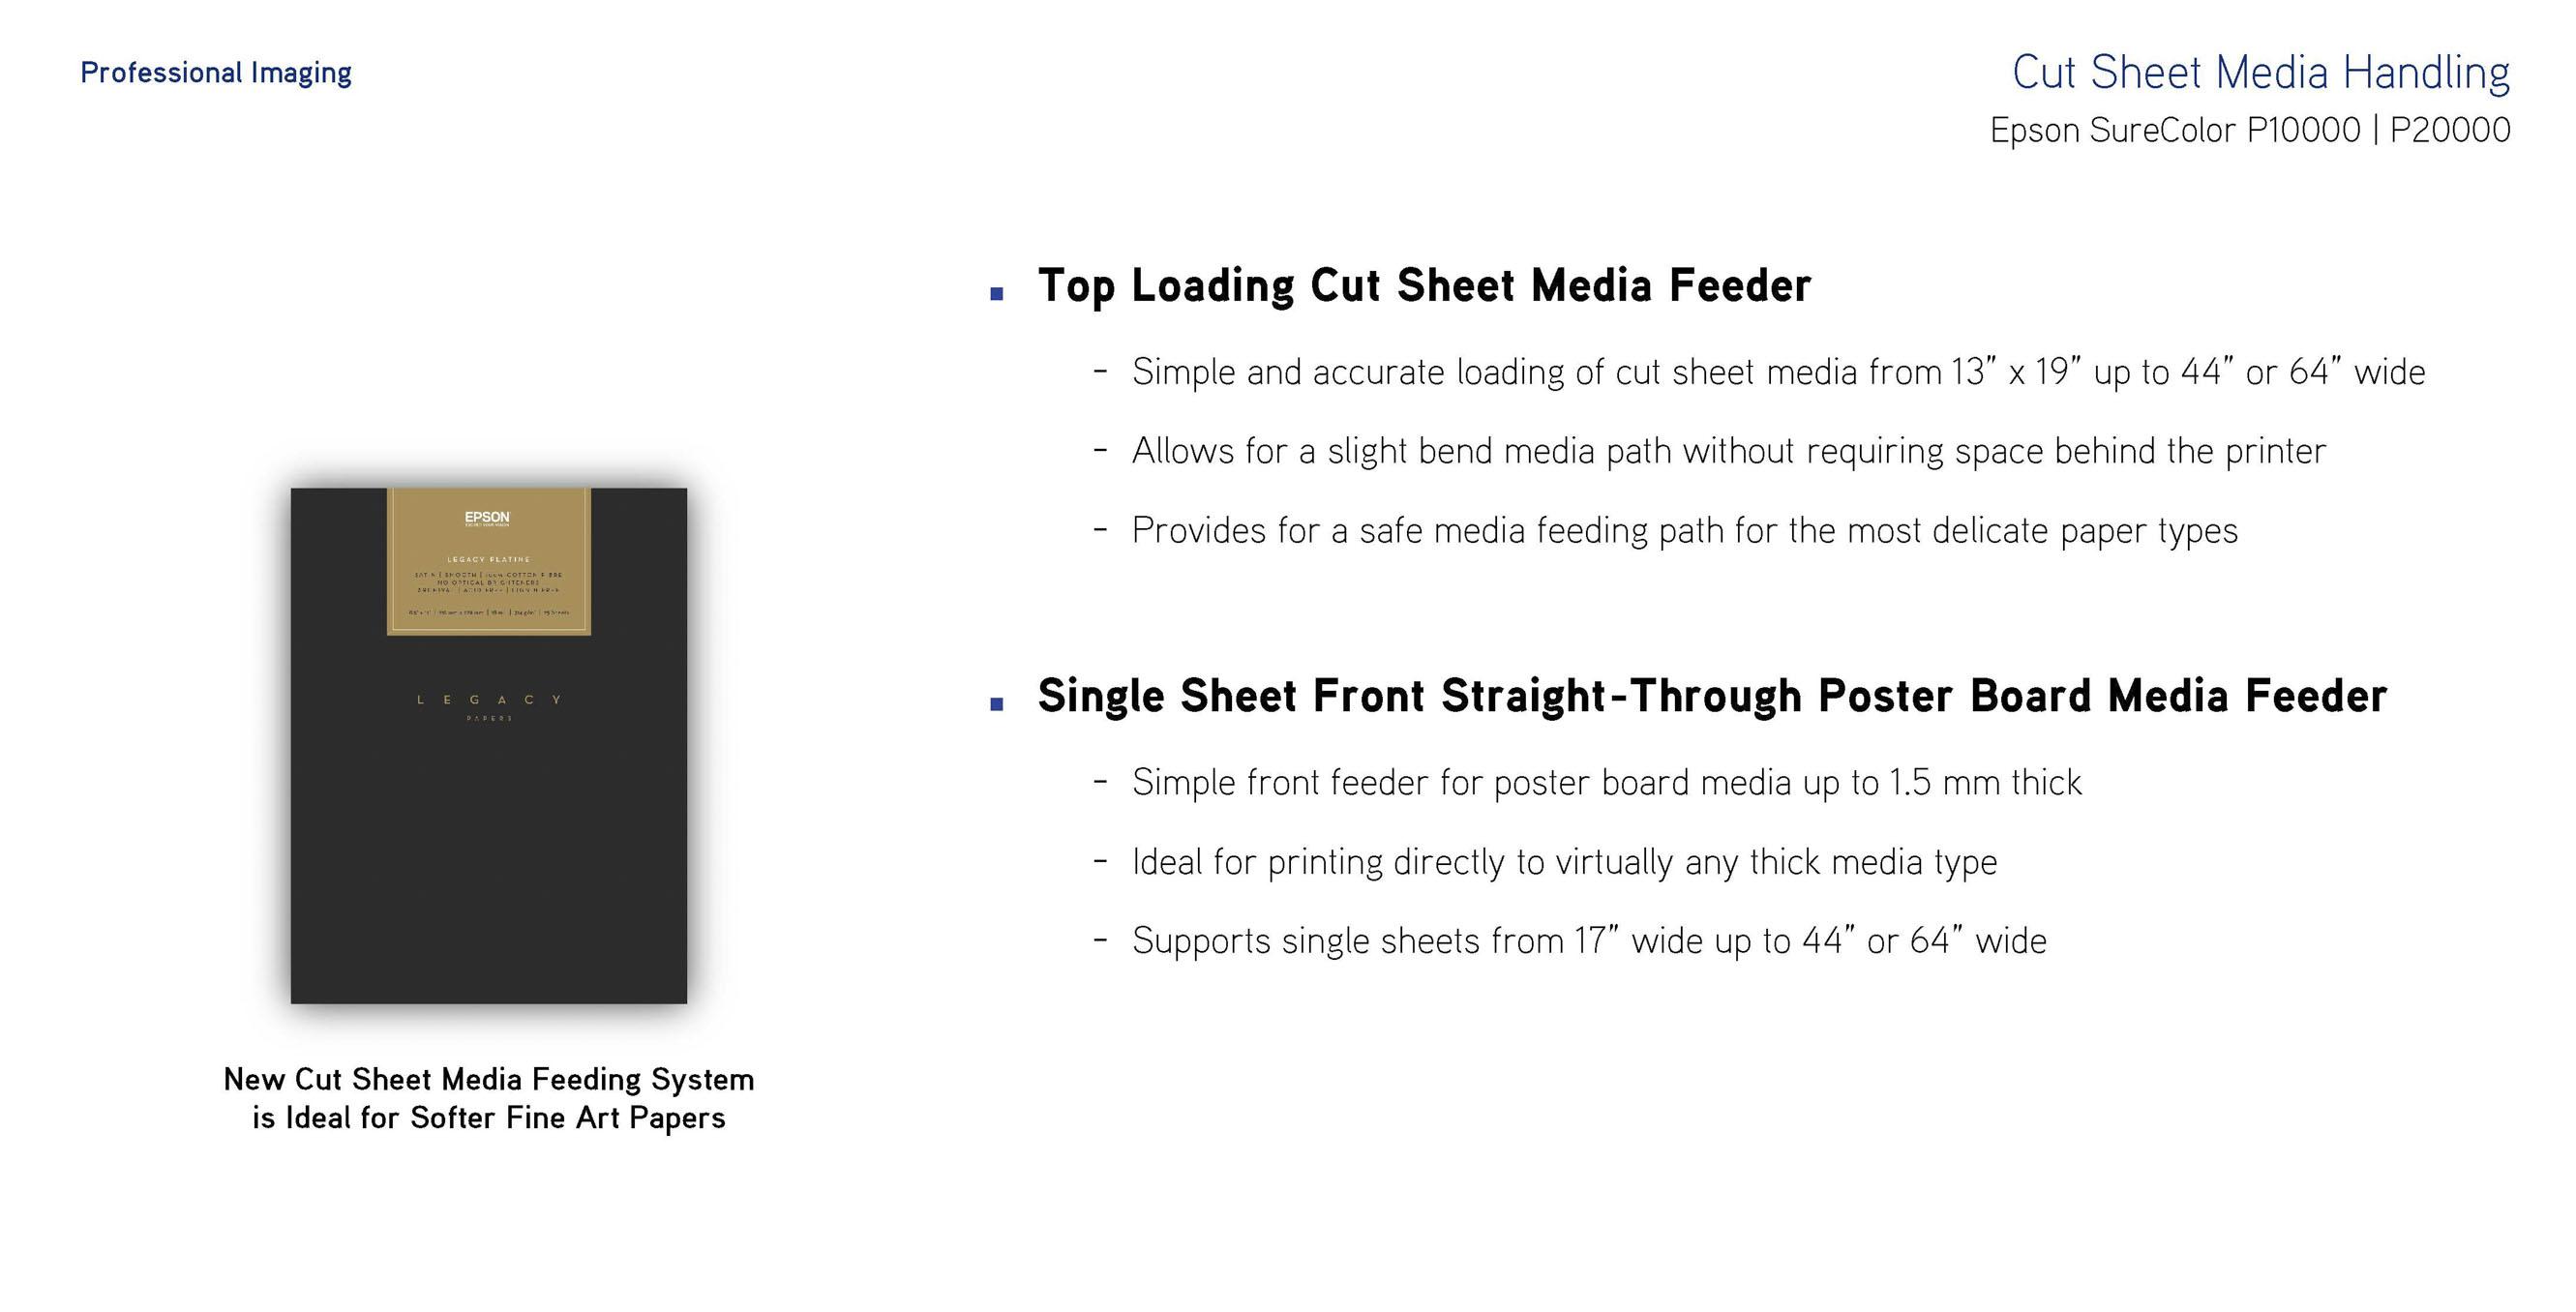 Cut Sheet Media Handling